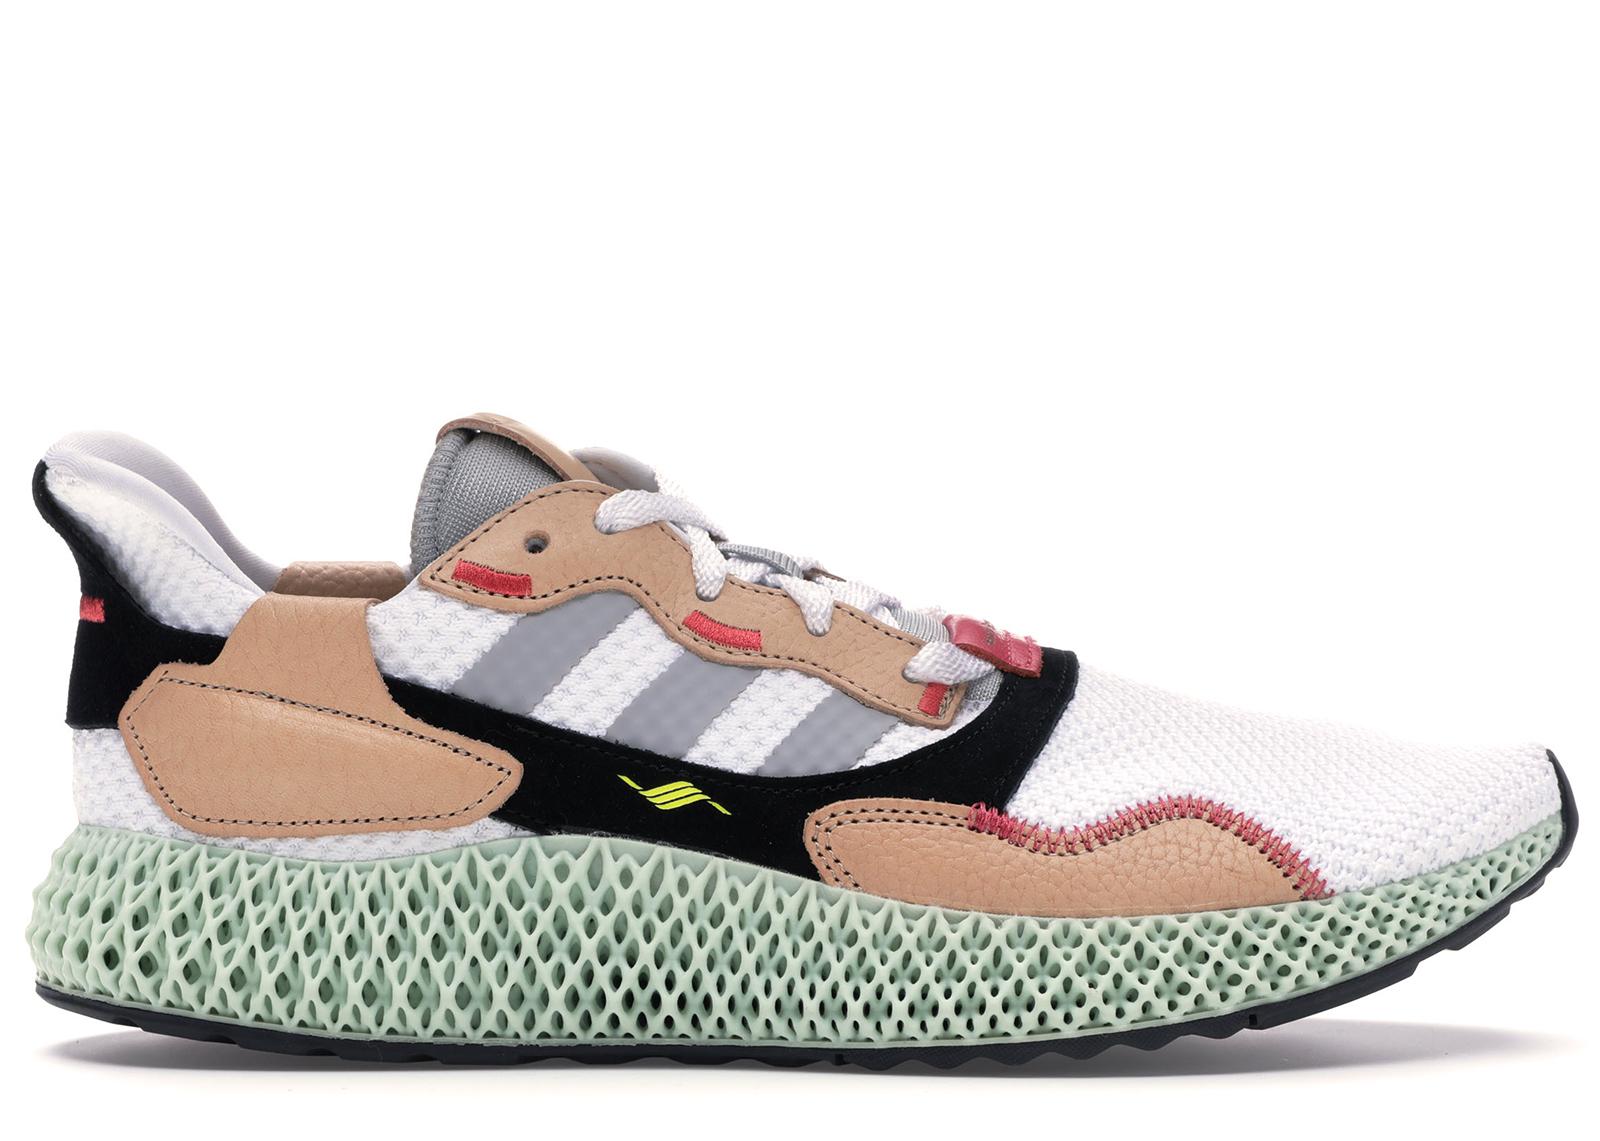 adidas x hender scheme zx 4000 4d